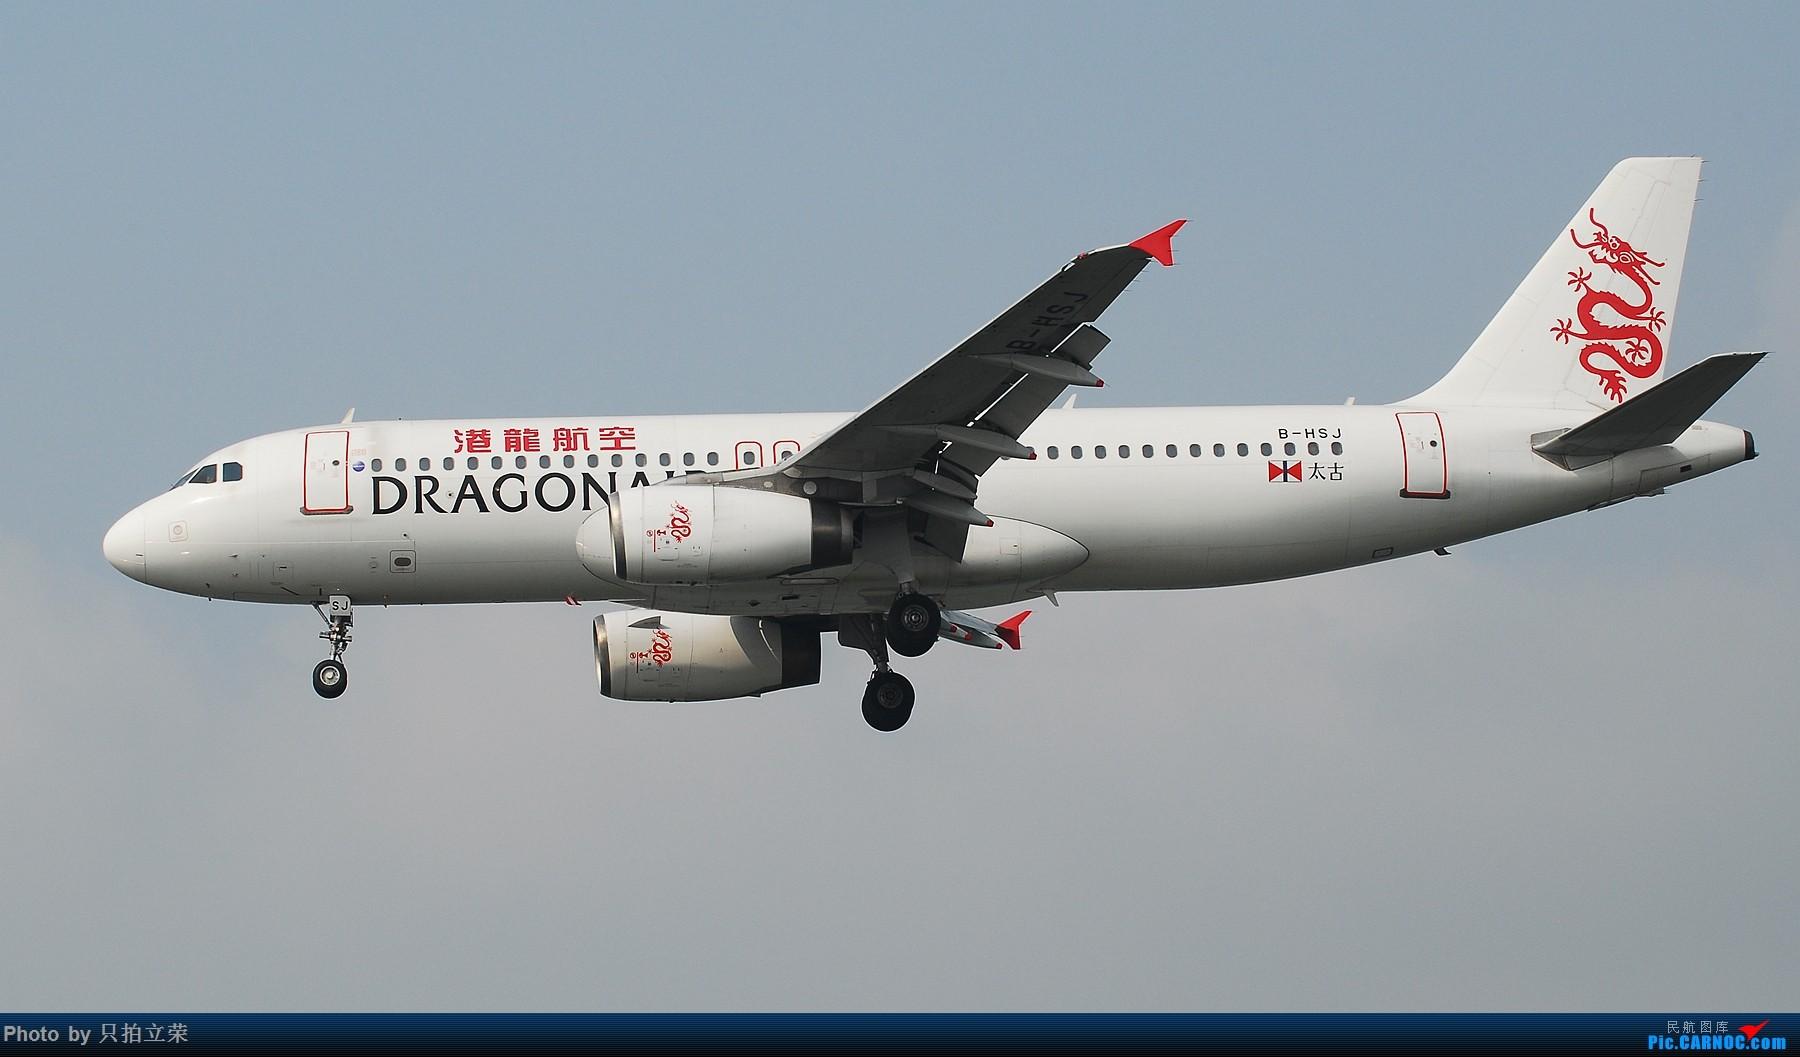 Re:[原创]湖南飞友会之,阿娇终于来长沙! AIRBUS A320-200 B-HSJ 中国长沙黄花国际机场